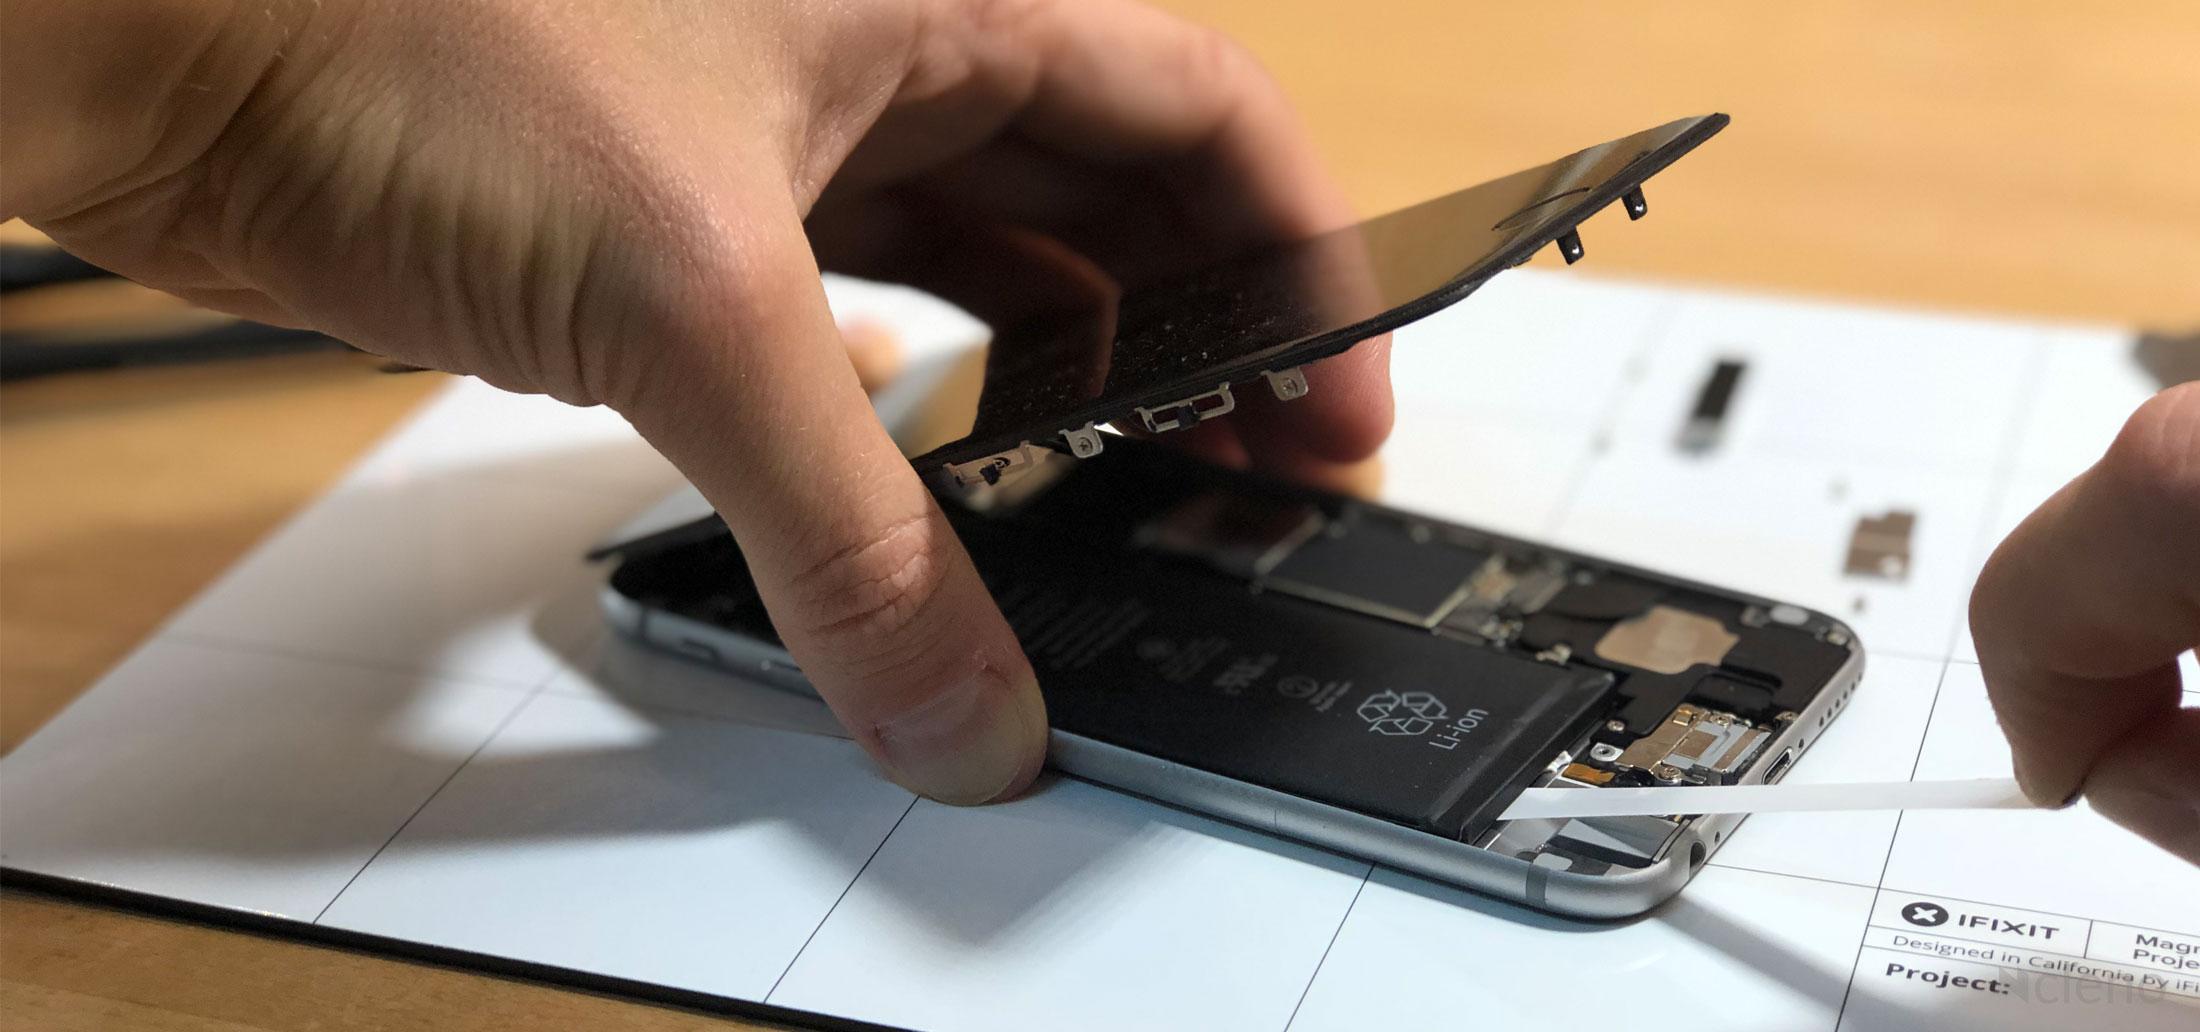 iphone 6 geht einfach aus und zeigt nur apfel